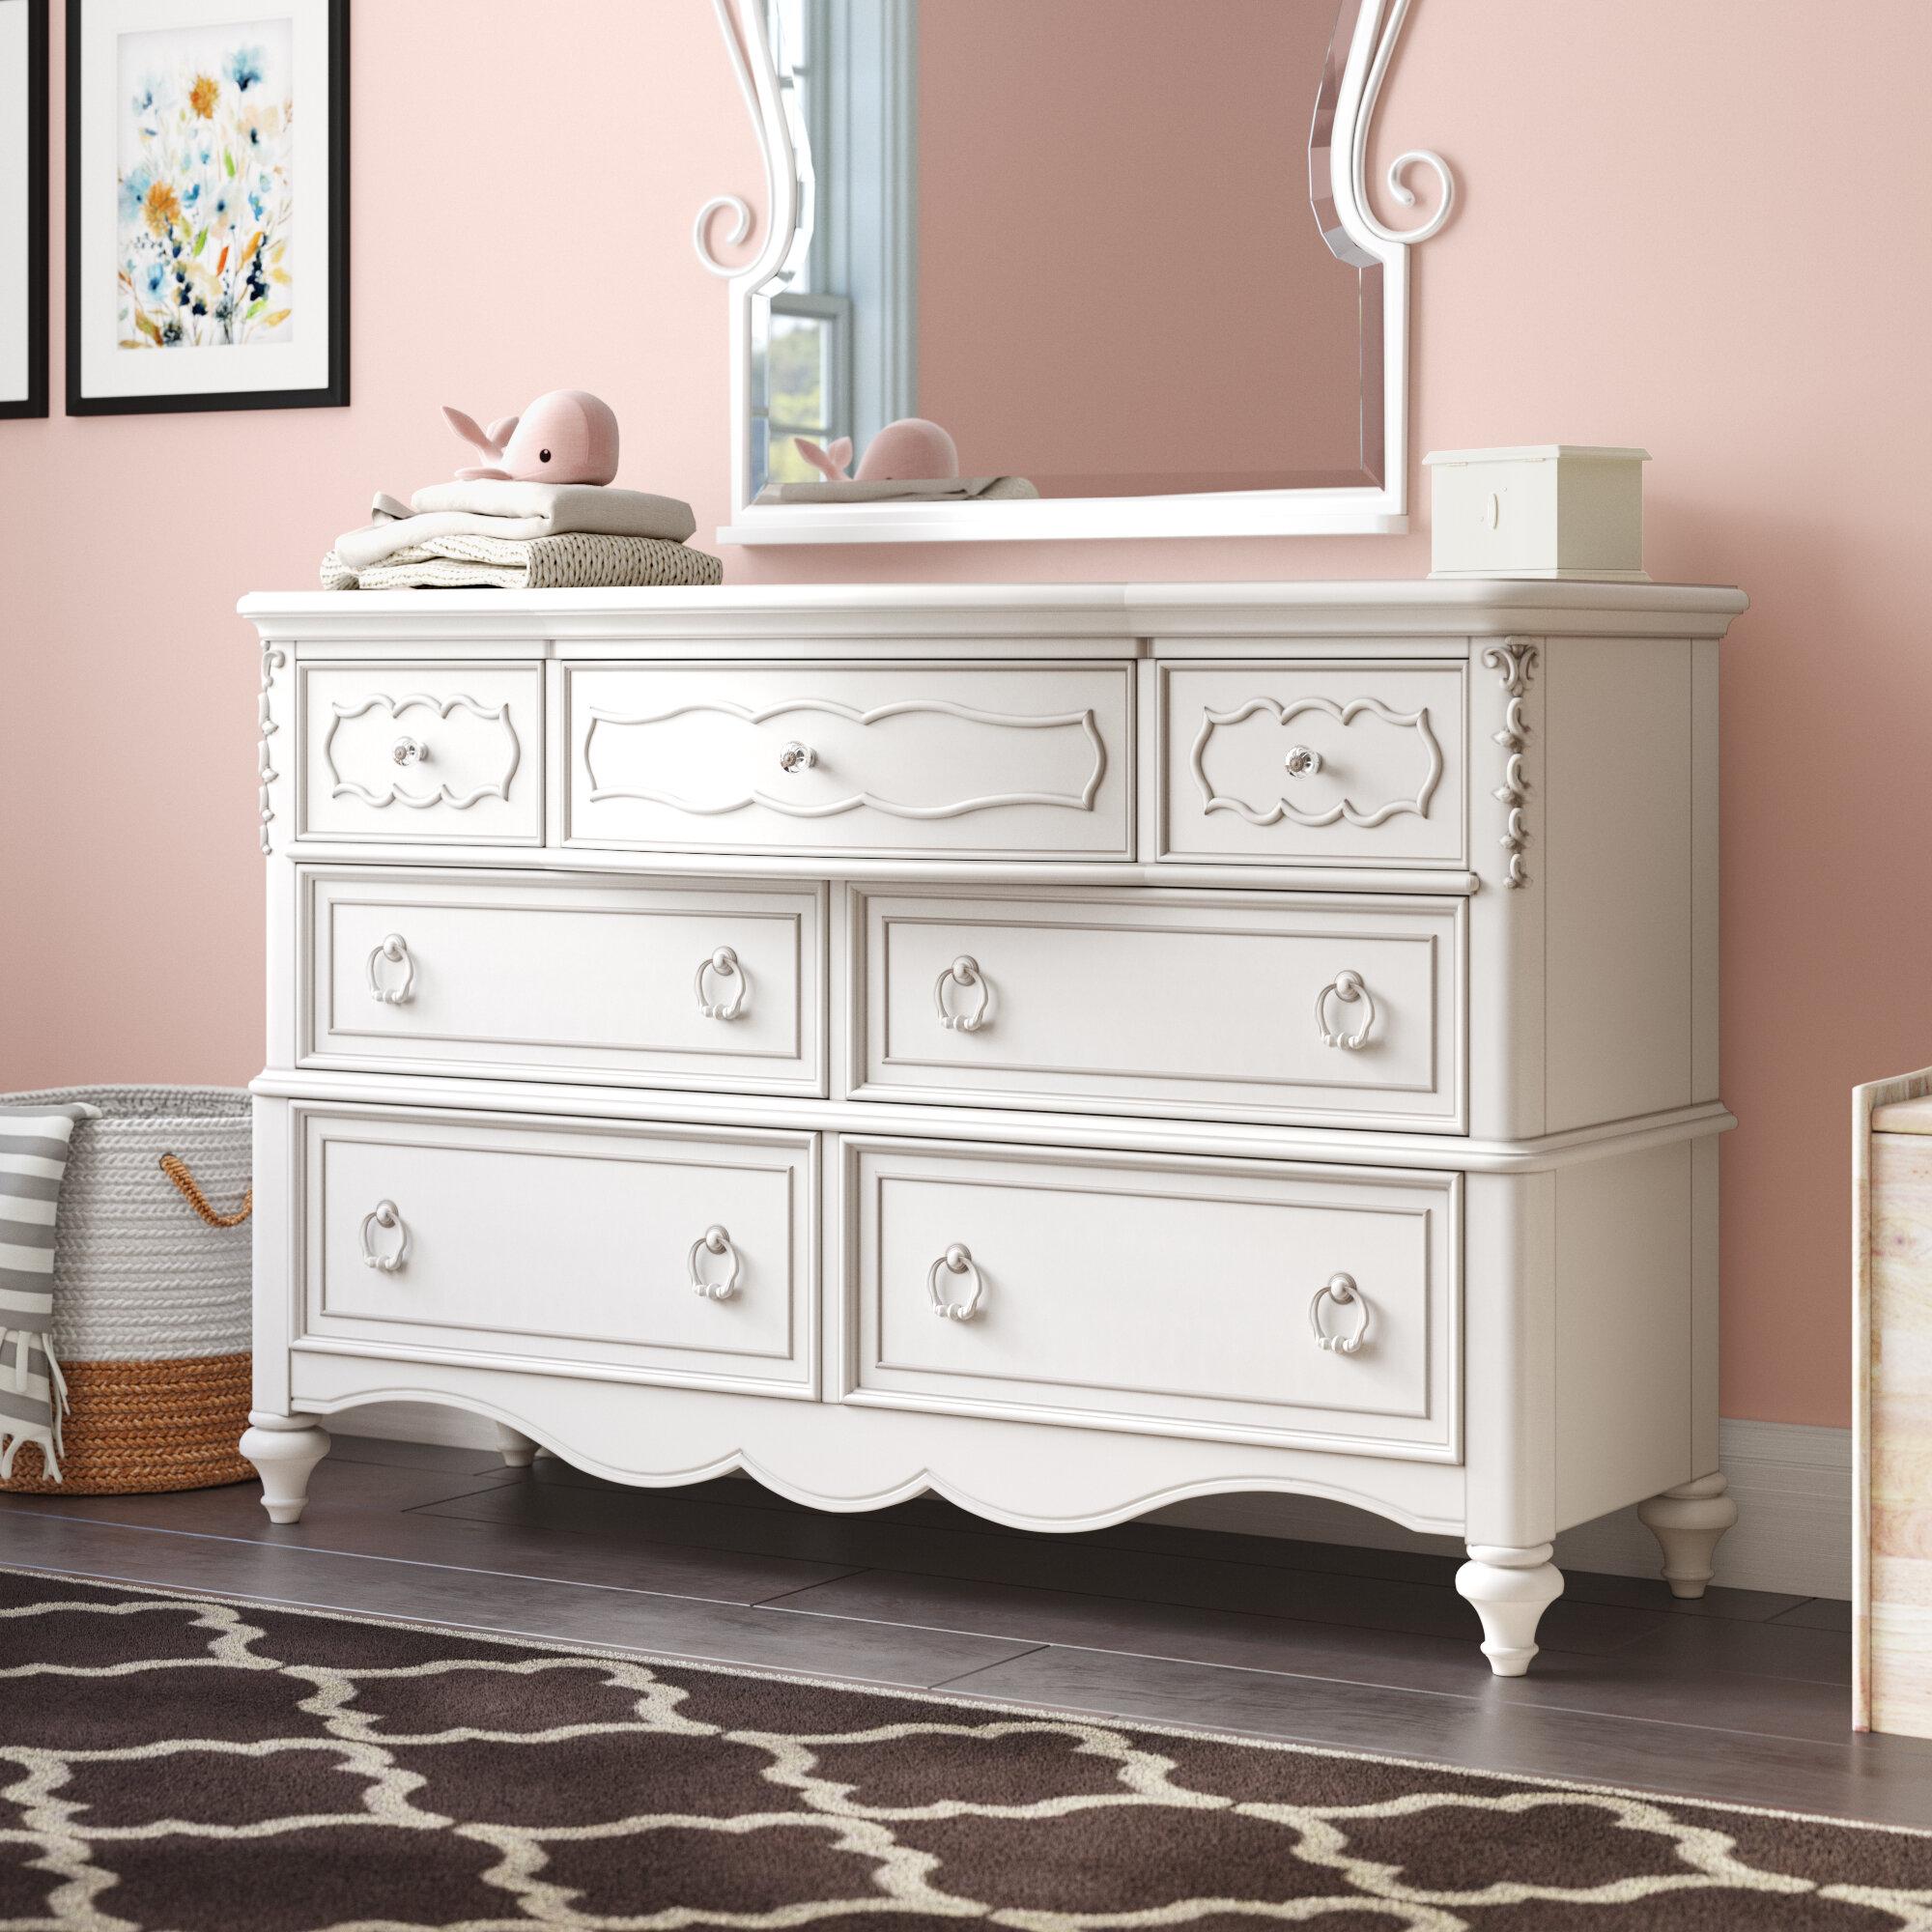 Viv Rae Cricklade 7 Drawer Dresser